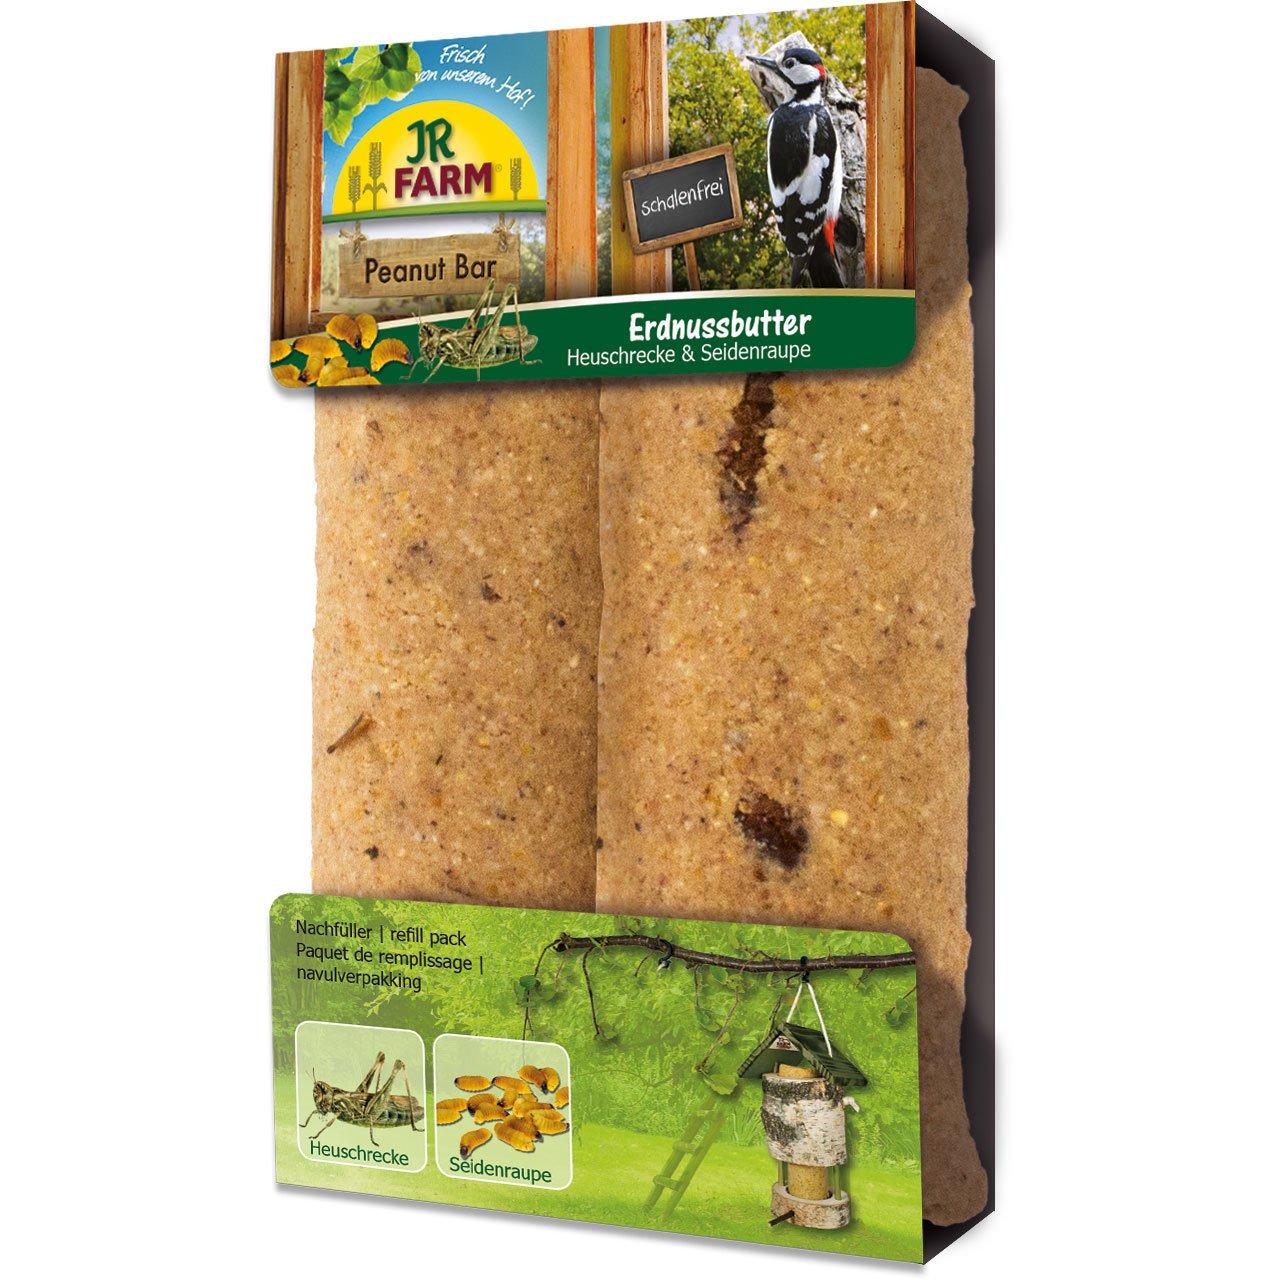 JR Farm Peanut Bar 2er-Pack Heuschrecke und Seidenraupe